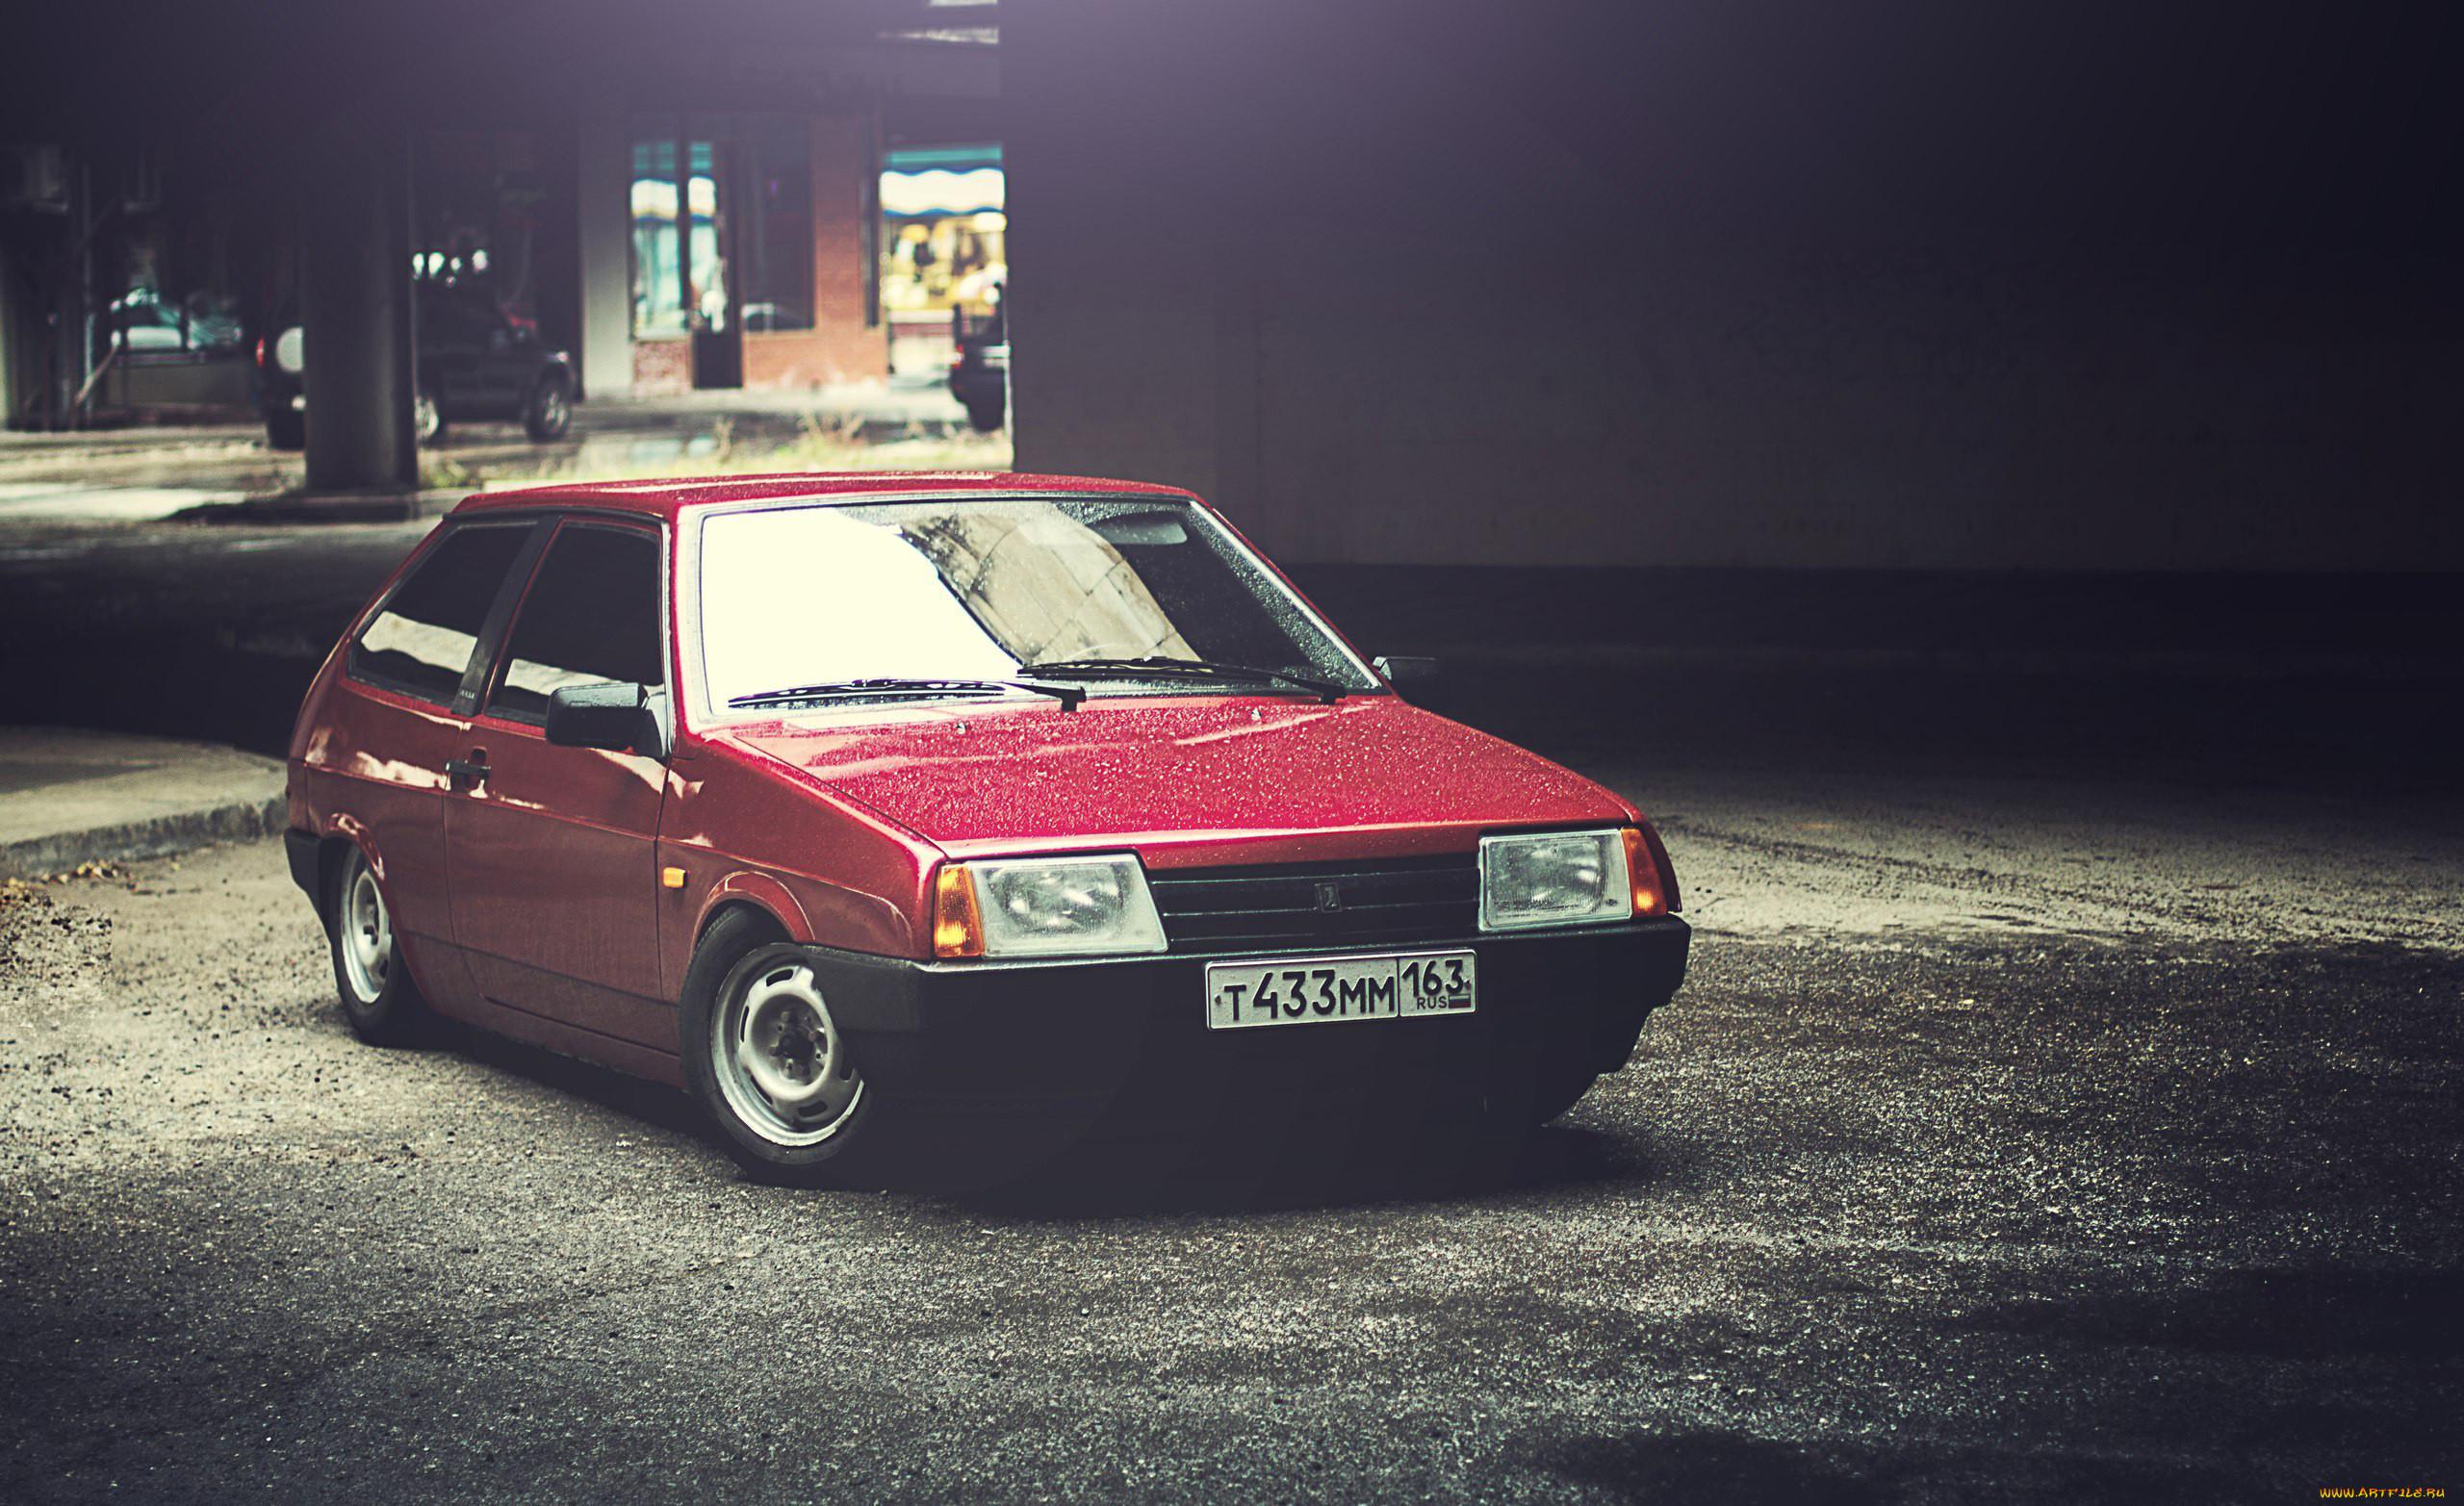 все картинки русские машины бпан профессиональных фотоматериалов фотобумаг